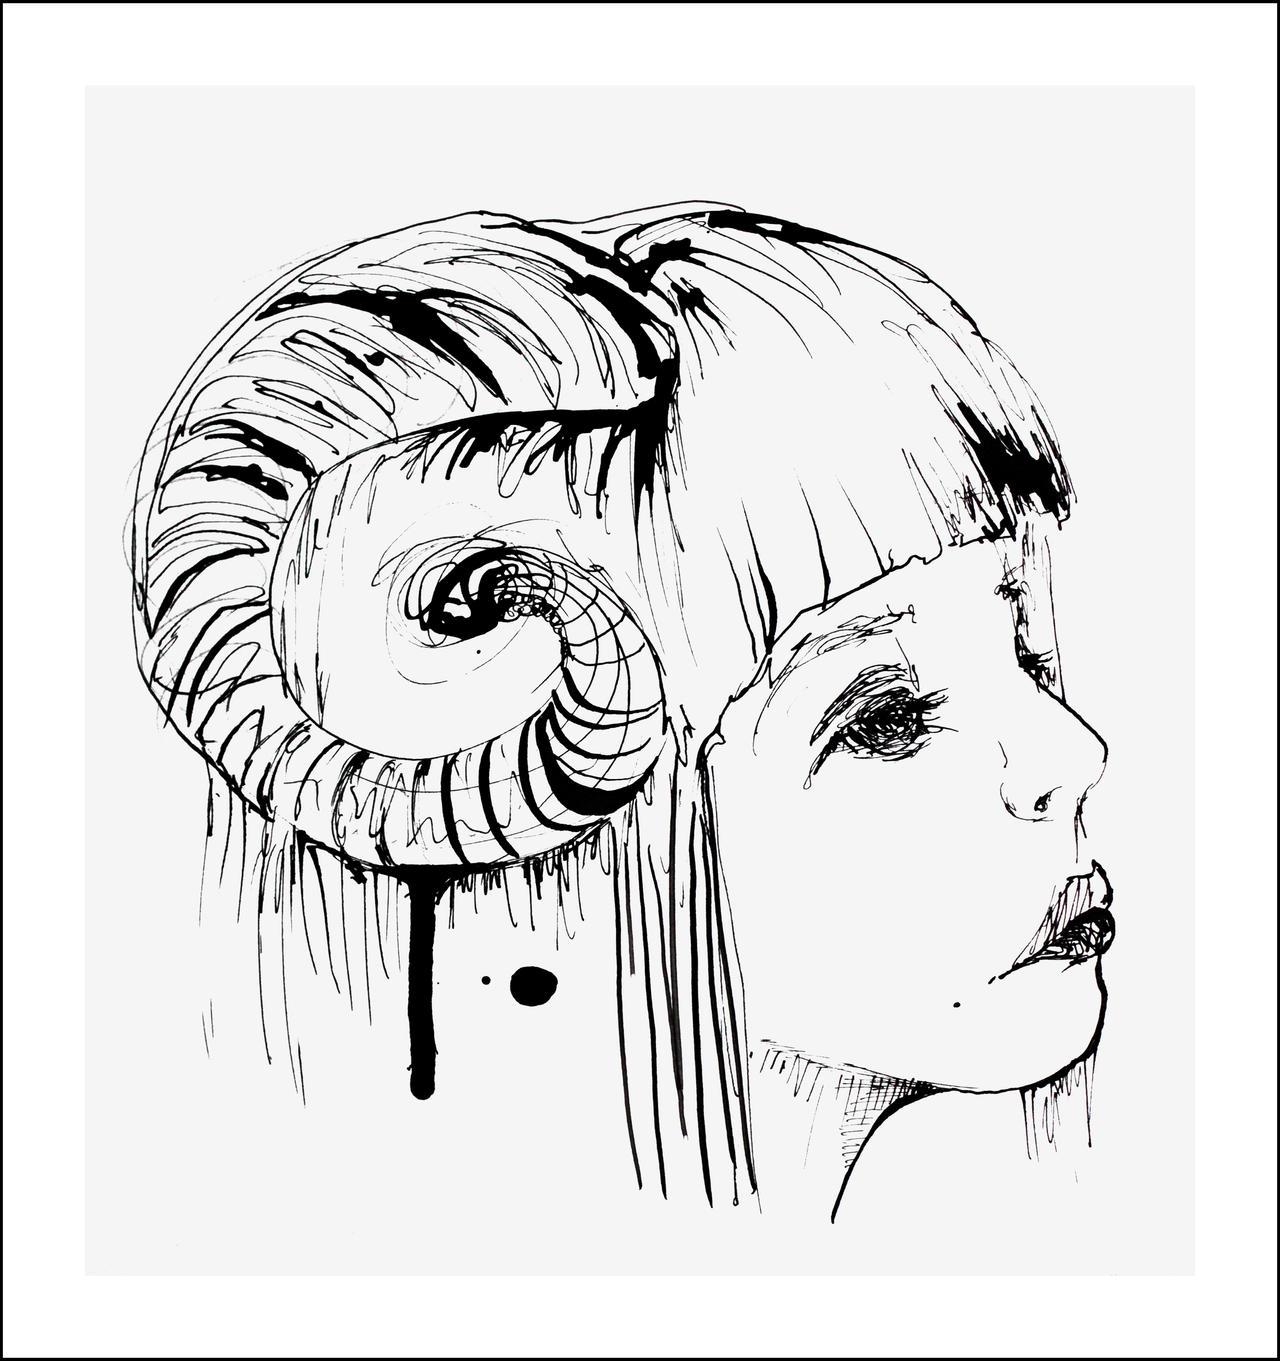 Aries by AirelavArt on DeviantArt